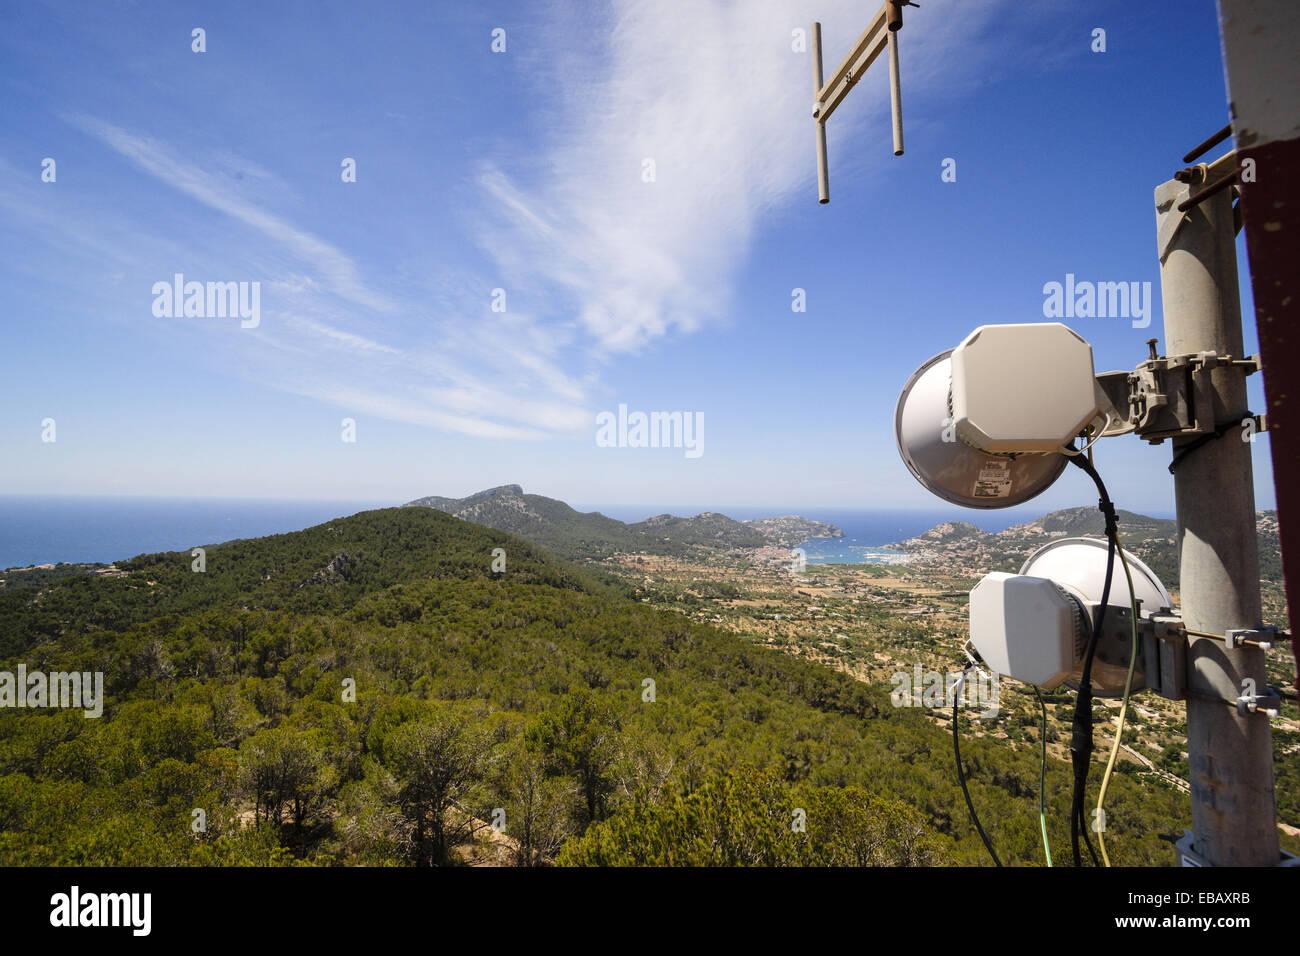 Kommunikation-Antennen, Andratx, Mallorca, Balearen, Spanien, Europa. Stockbild